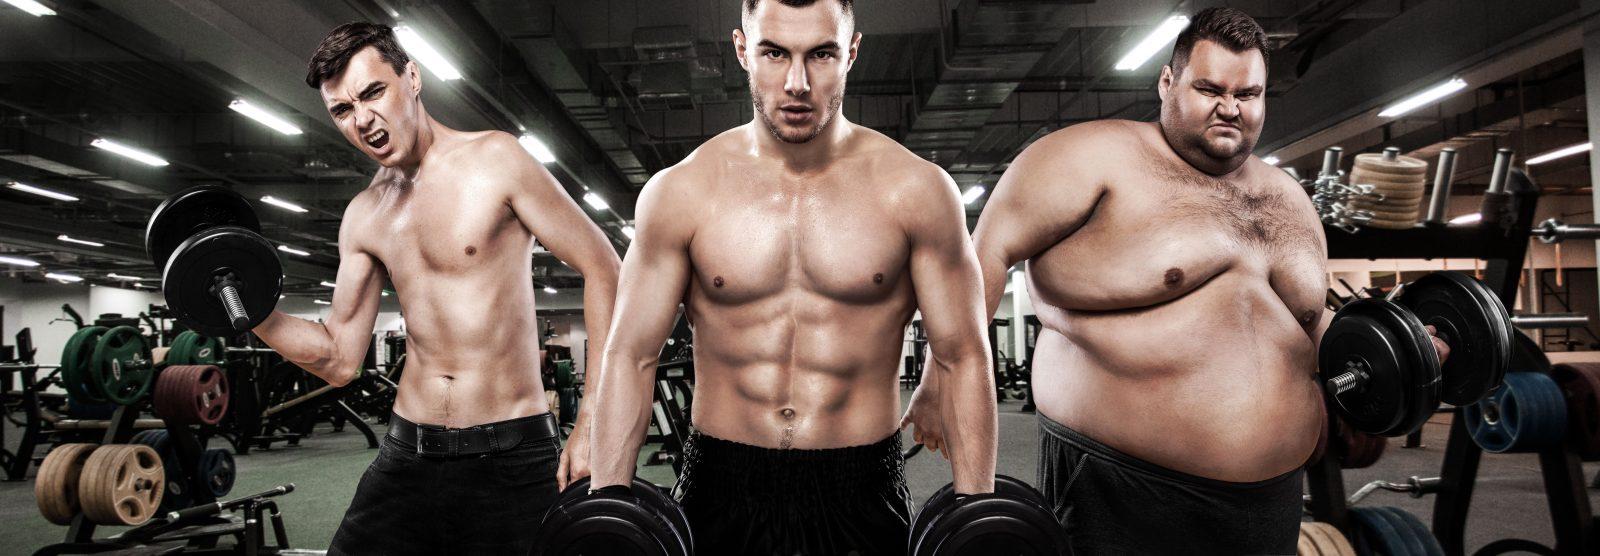 Тип телосложения мужчин (толстый, вкаченный, худой)